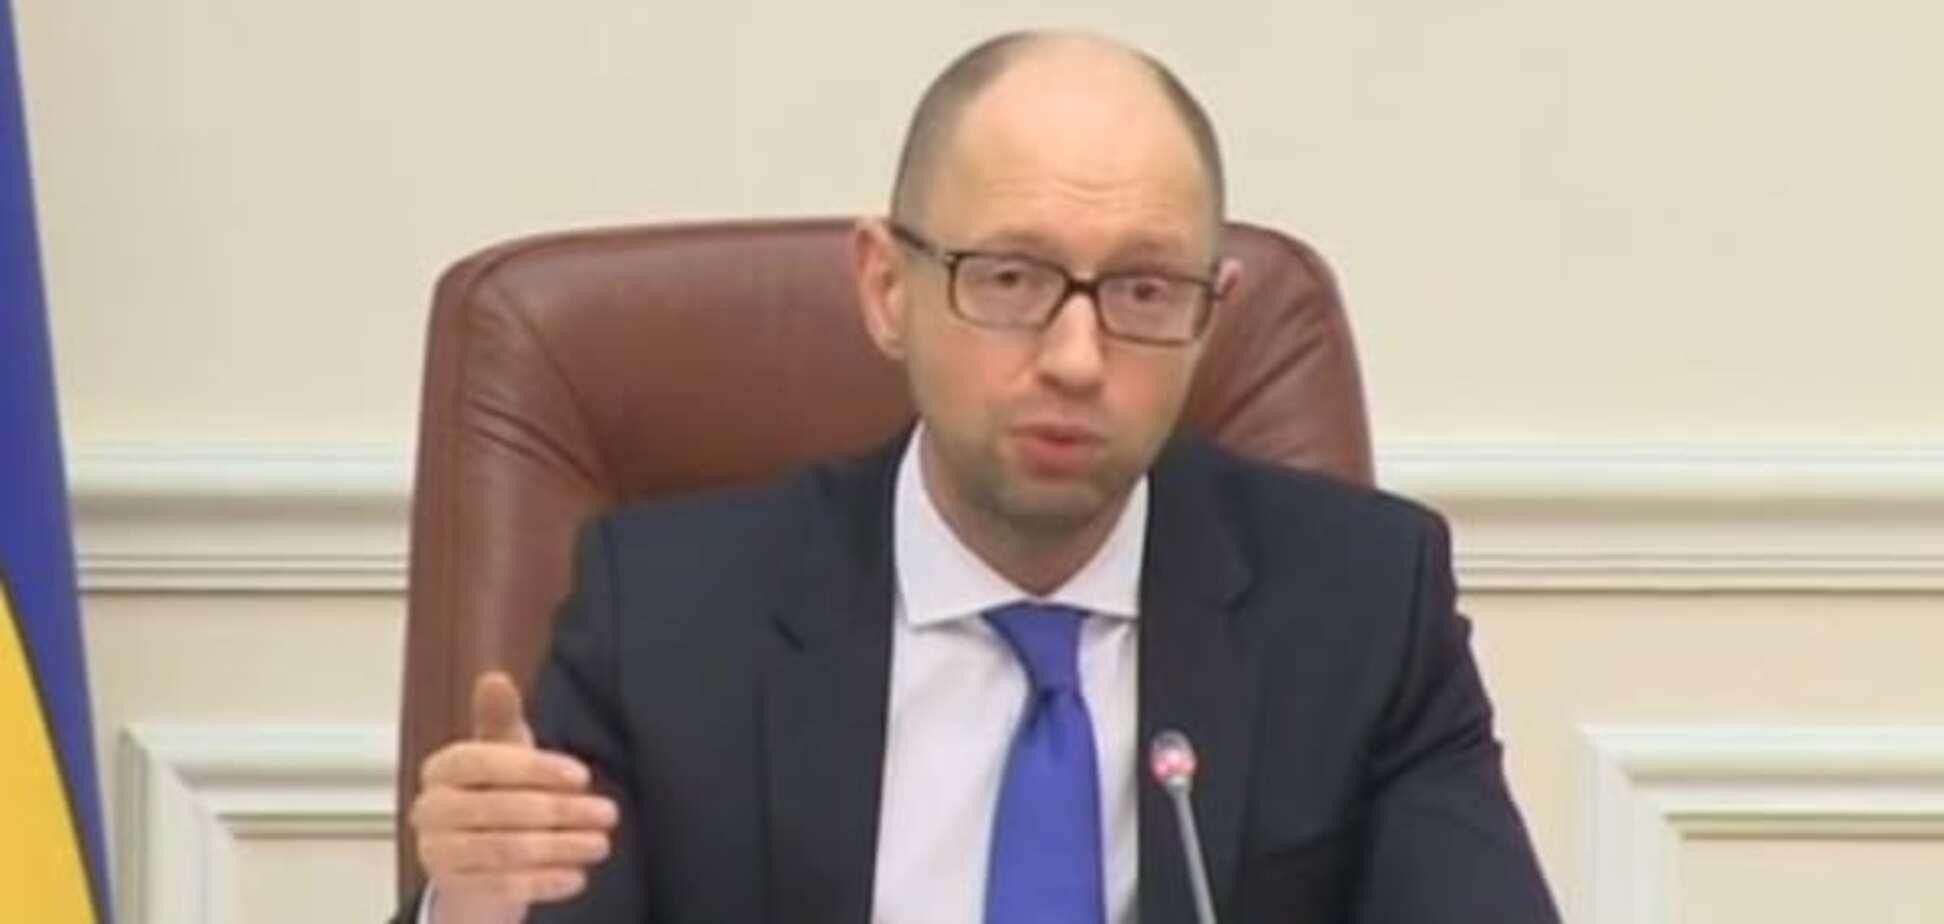 Яценюк хоче реагувати на кожне рішення Росії торговими санкціями